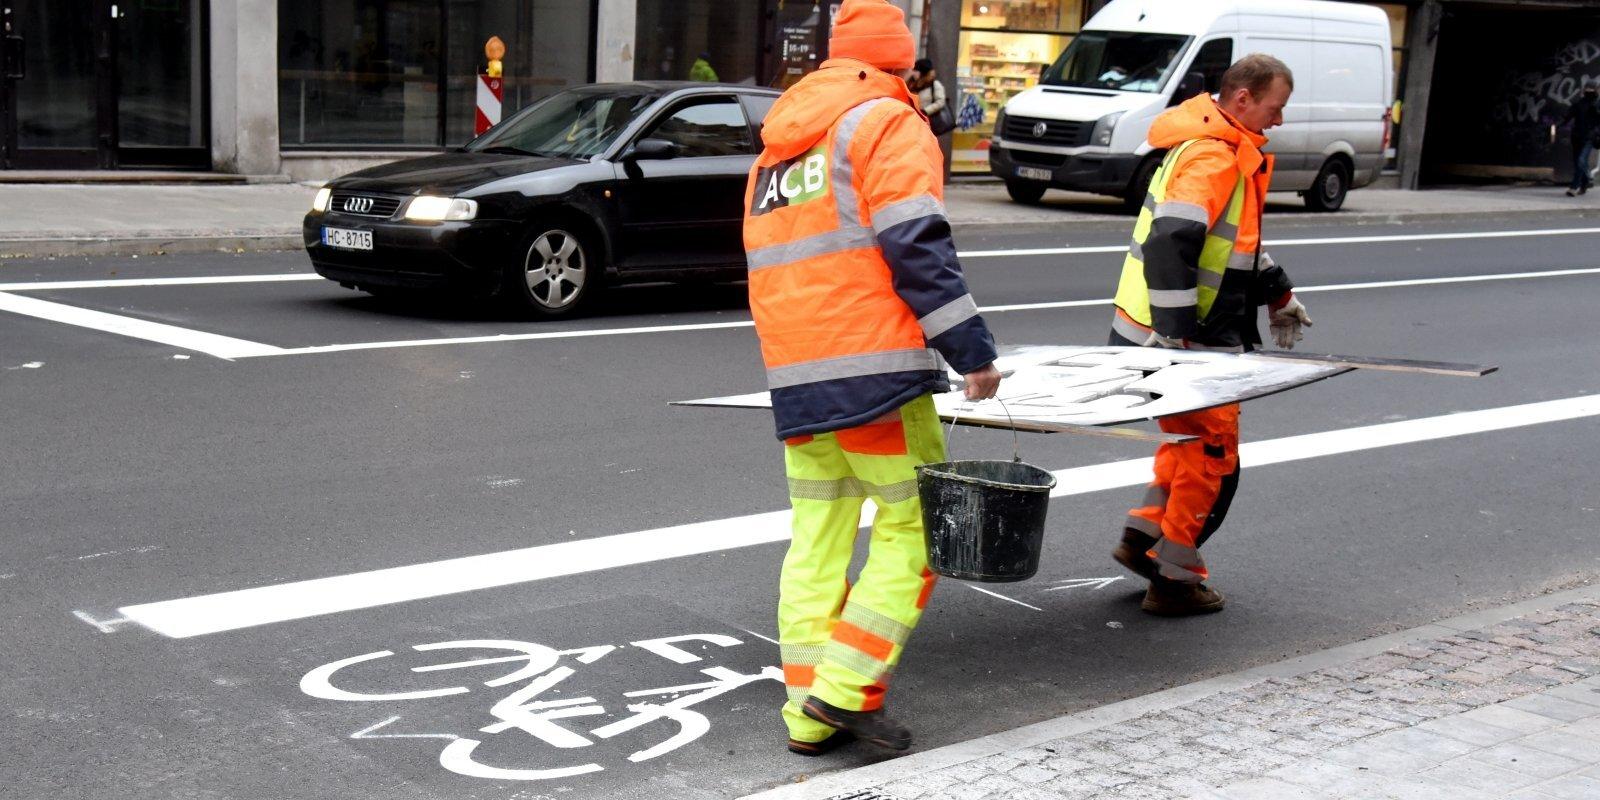 Теперь пешком быстрее. Эксперимент на улице Чака привел к пробкам, но Дума продолжает искать место для велосипедов